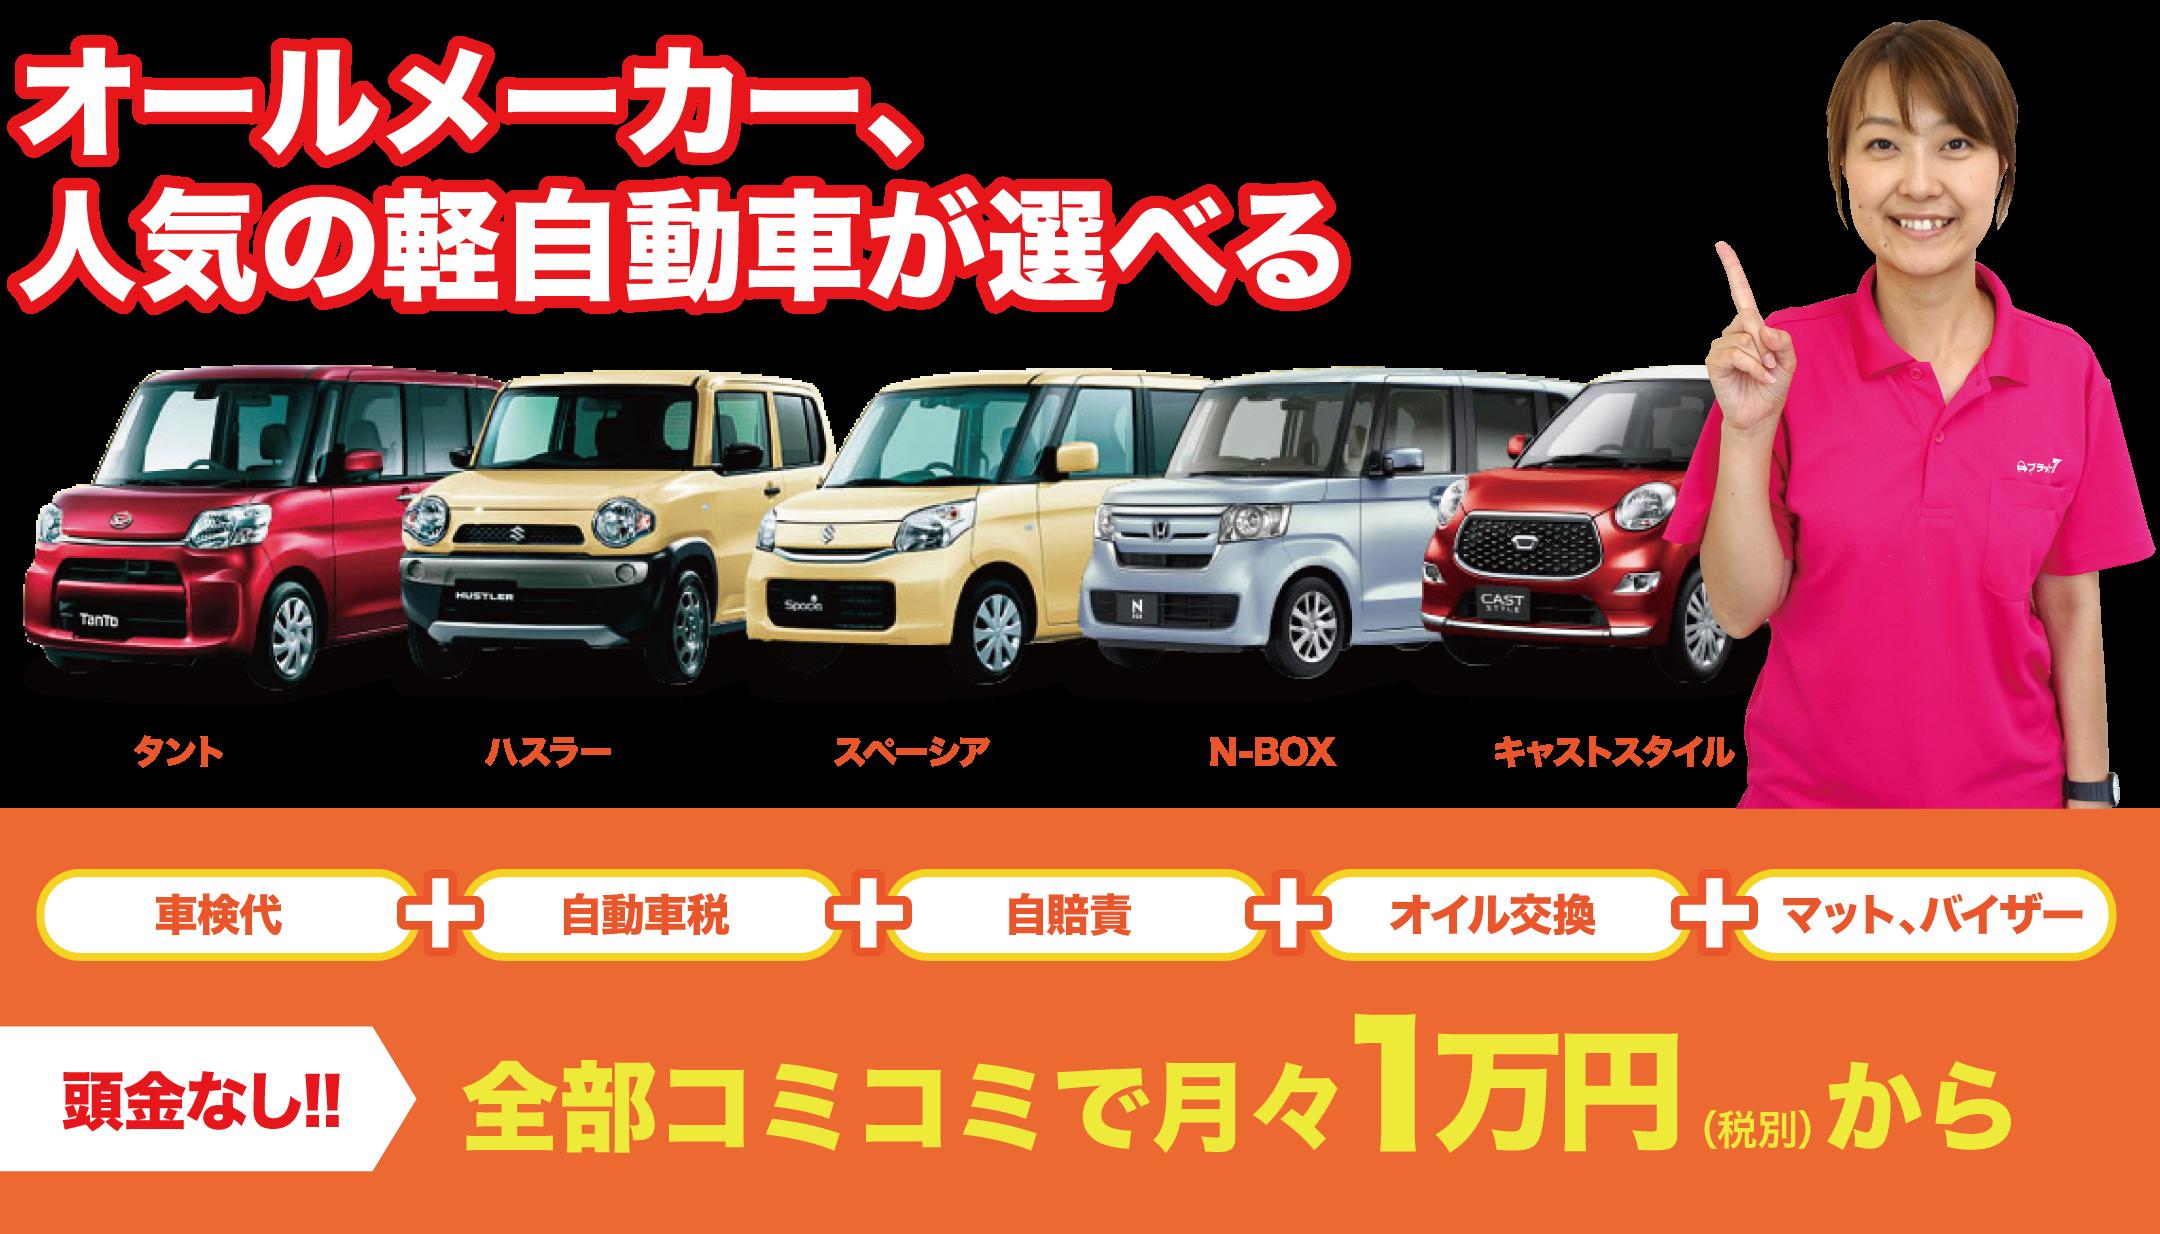 オールメーカー、人気の軽自動車が選べる